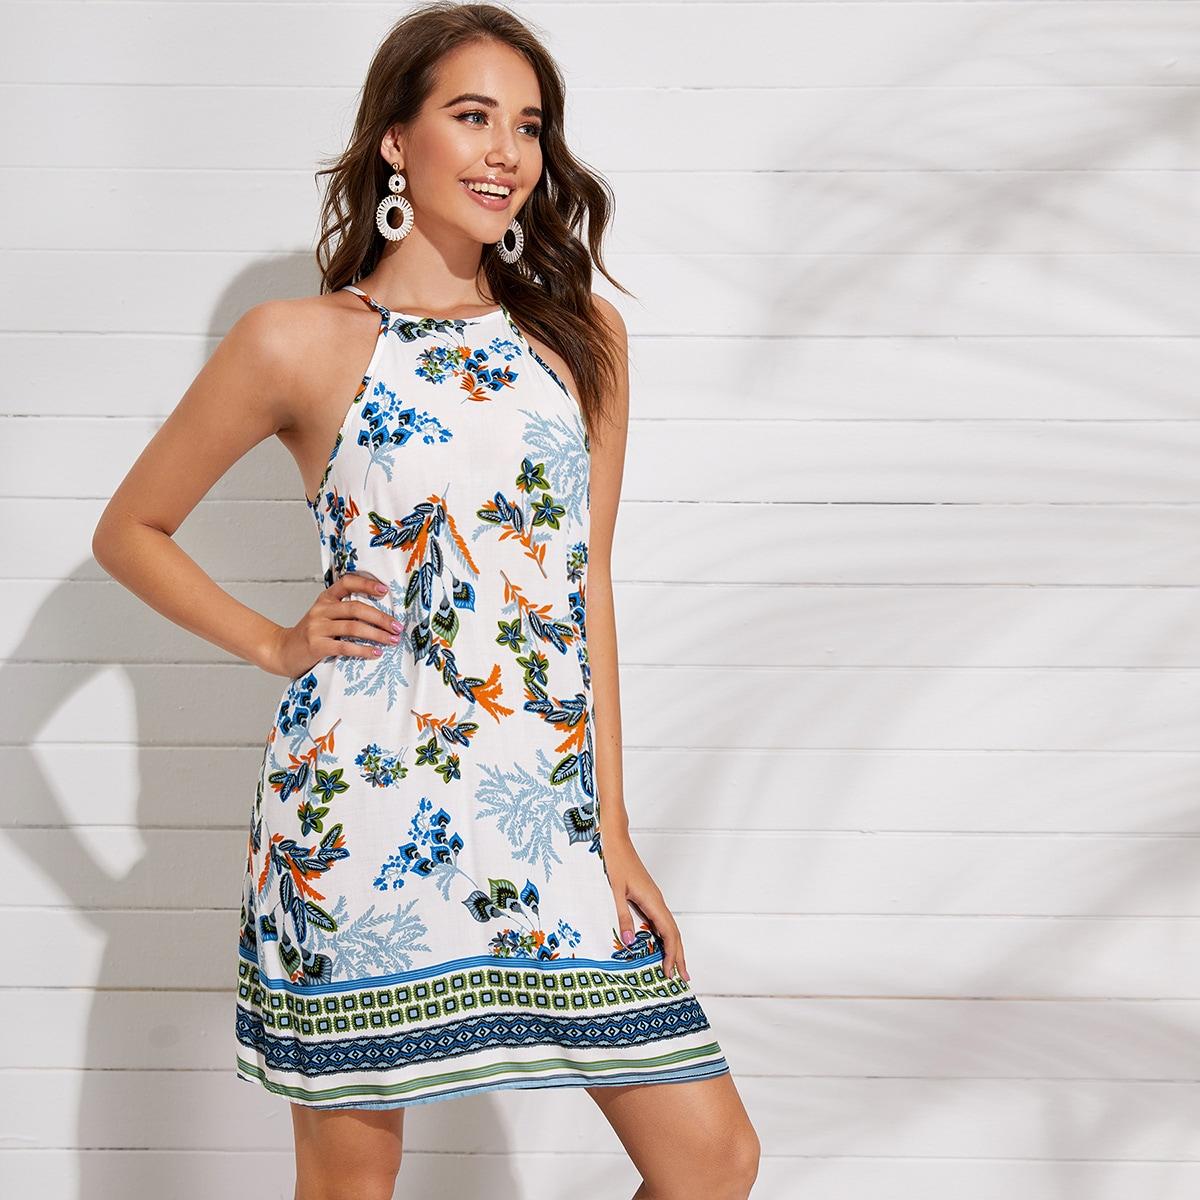 SHEIN / Kleid mit botanischem und Stamm Muster und Neckholder